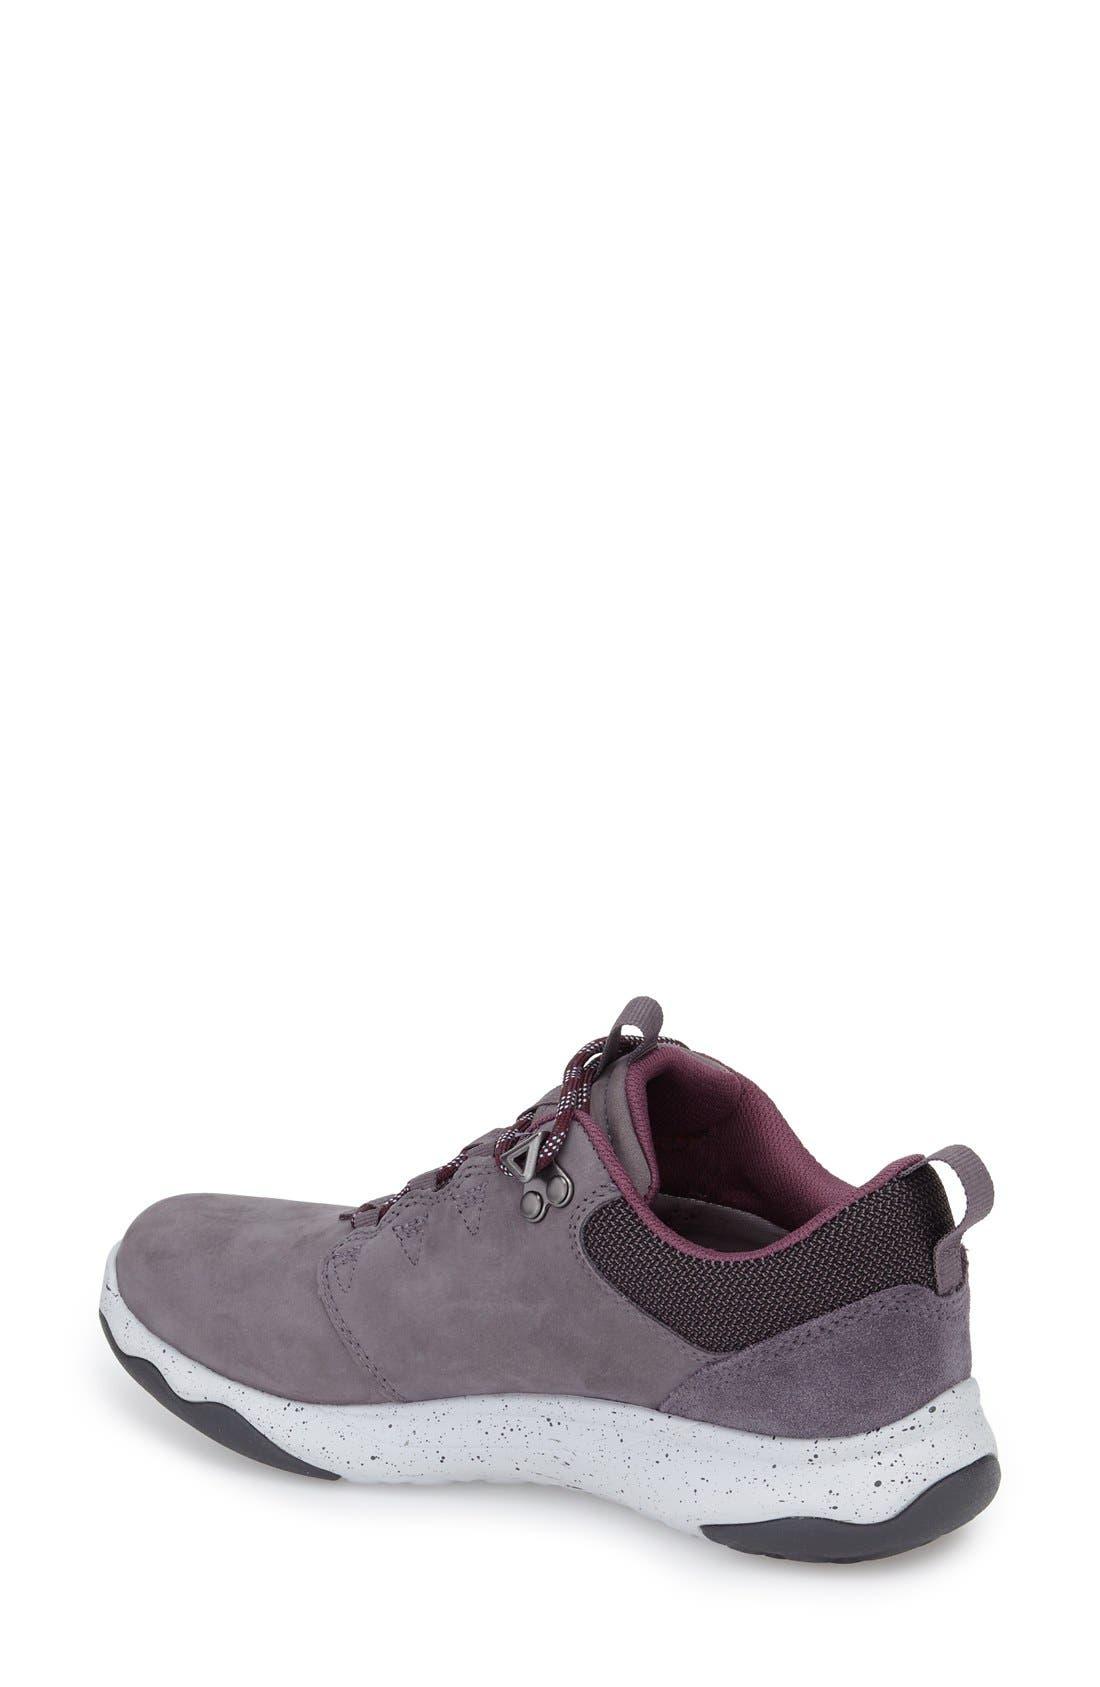 'Arrowood Lux' Waterproof Sneaker,                             Alternate thumbnail 2, color,                             025